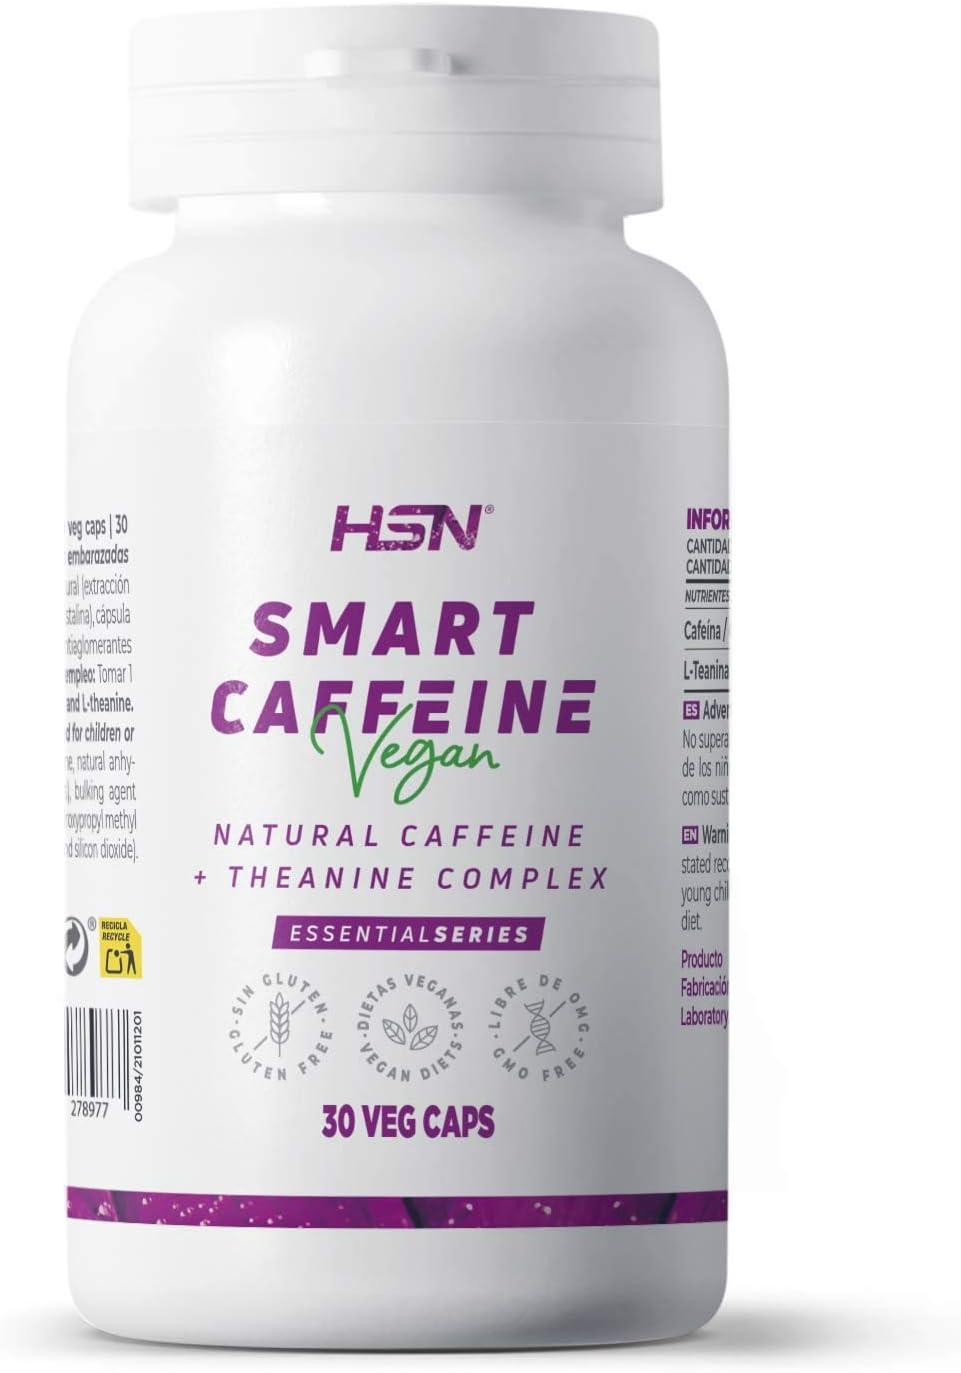 Cafeína con Teanina de HSN | Smart caffeine | Pastillas para estudiar y mejorar el rendimiento mental | Motivación y Concentración | Vegano, Sin Gluten, Sin Lactosa | 30 Cápsulas Vegetales